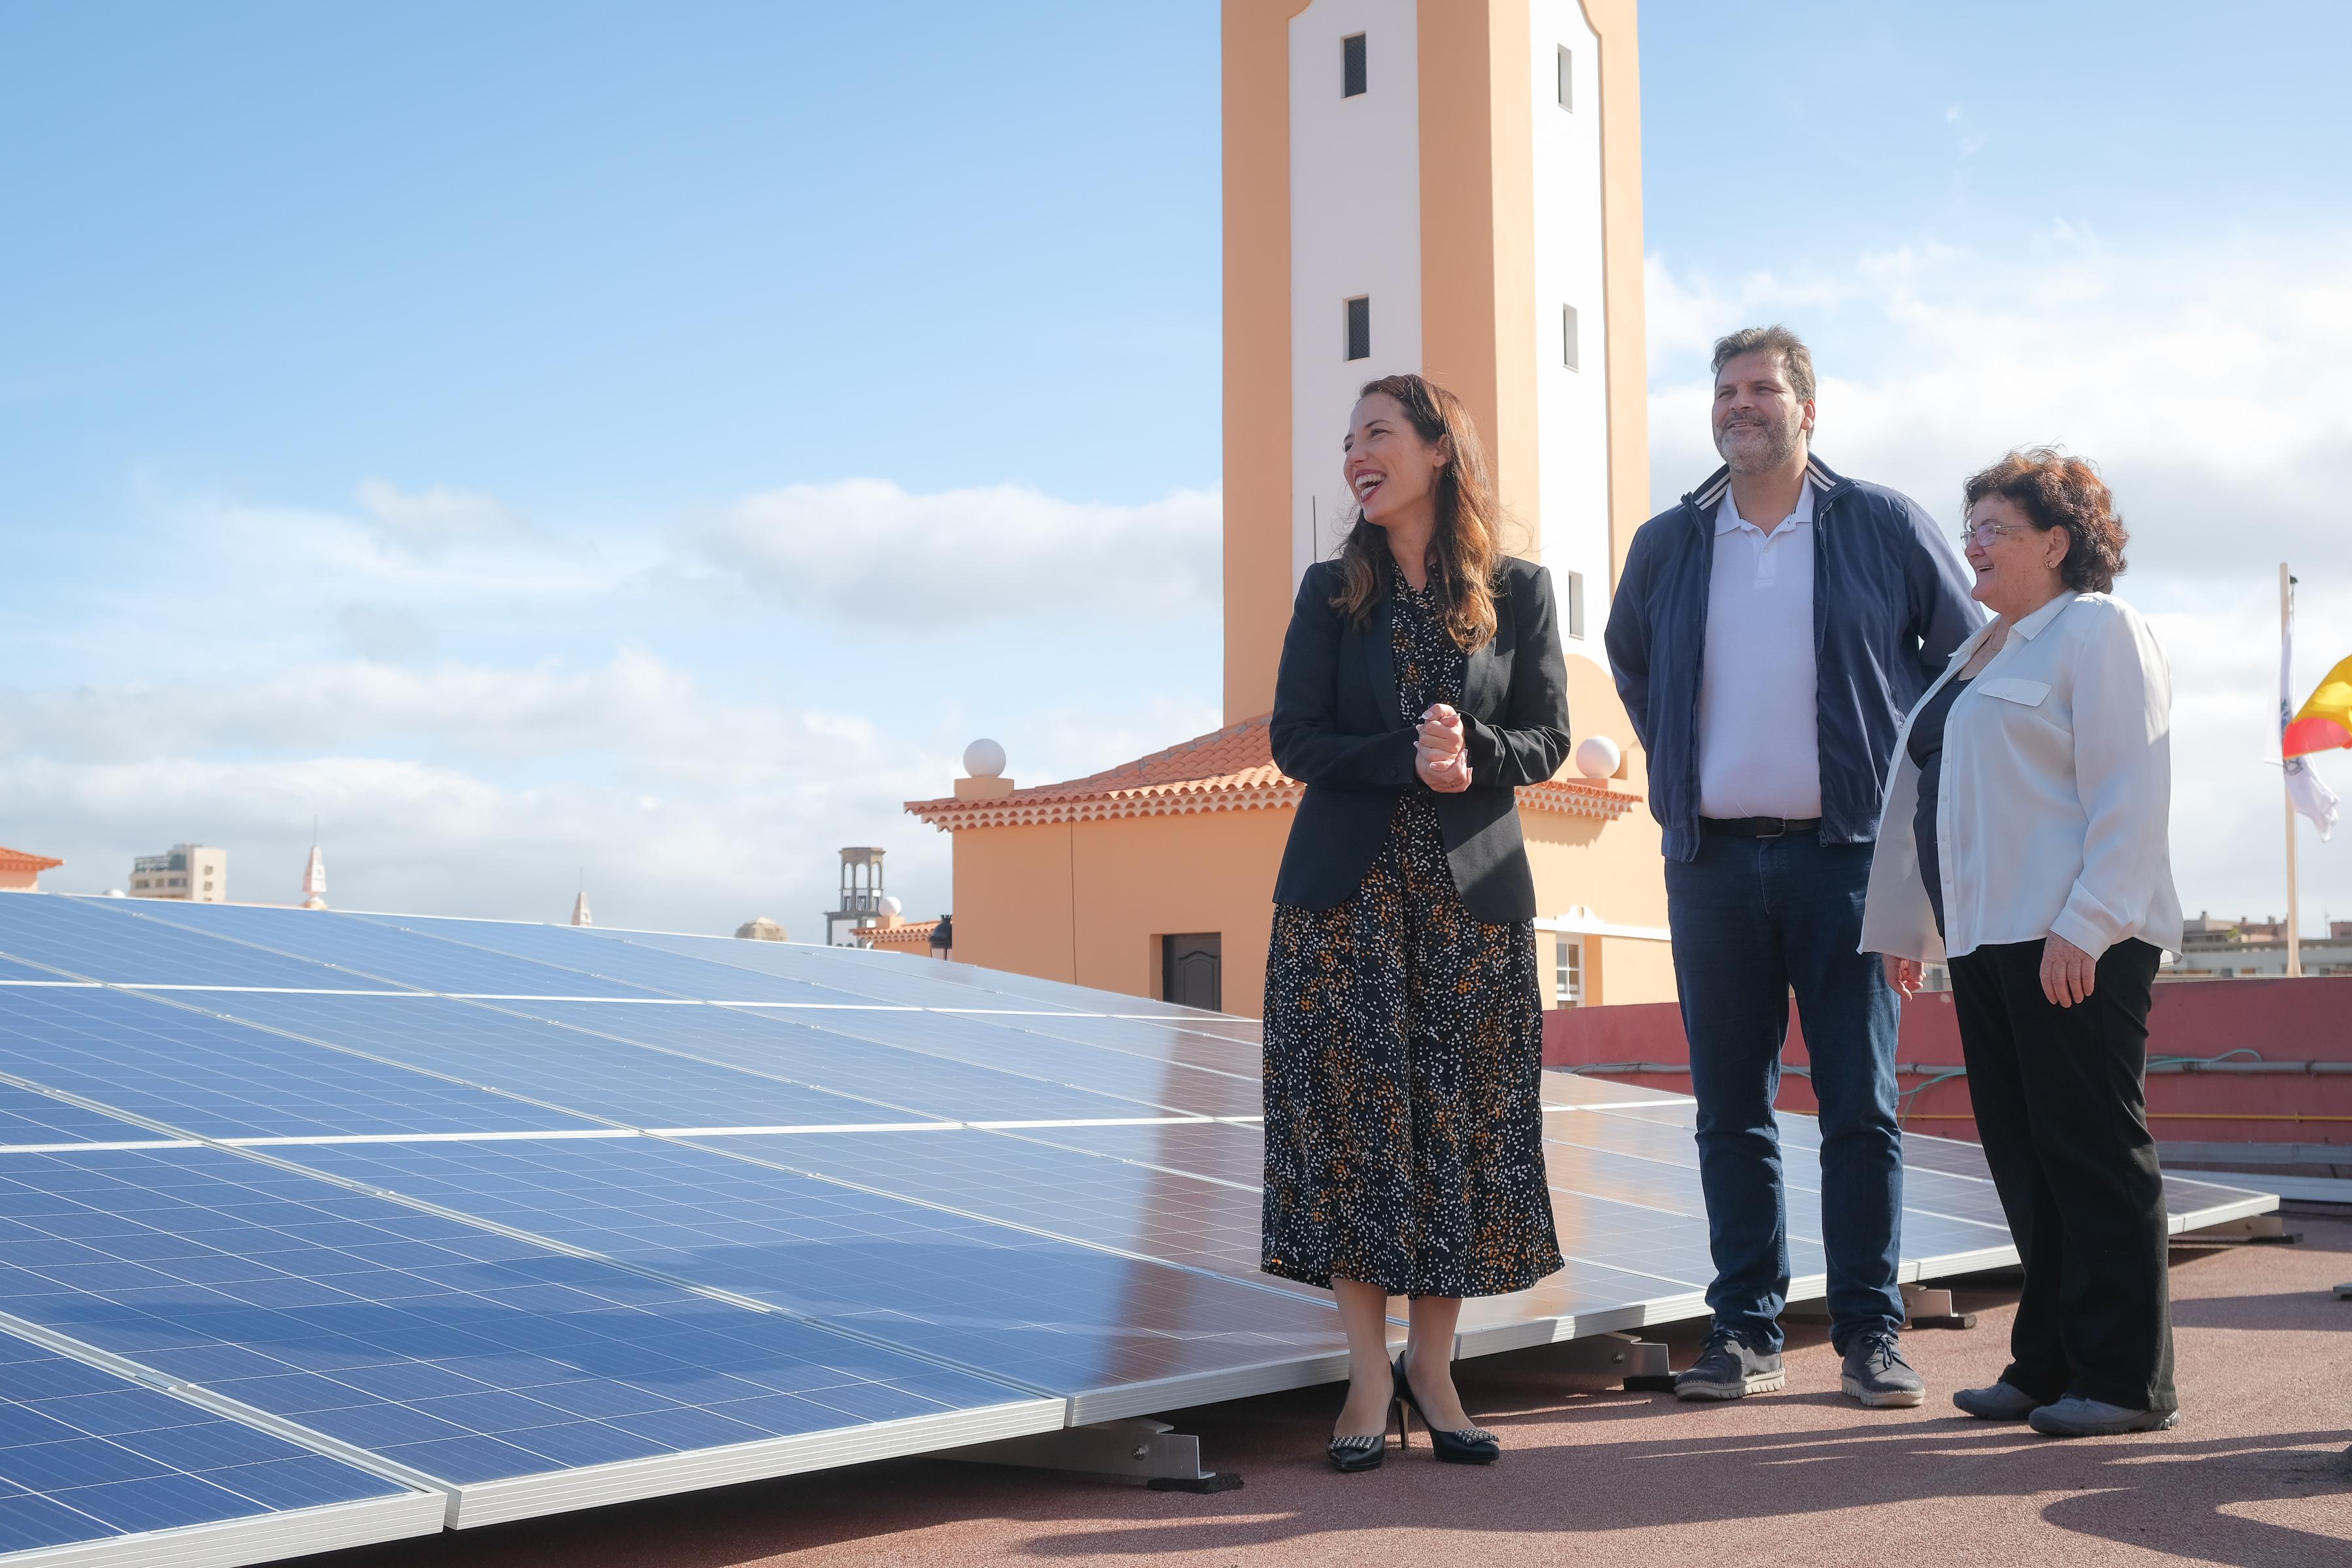 El Mercado Nuestra Señora de África reducirá a la mitad su consumo eléctrico con la instalación de paneles solares